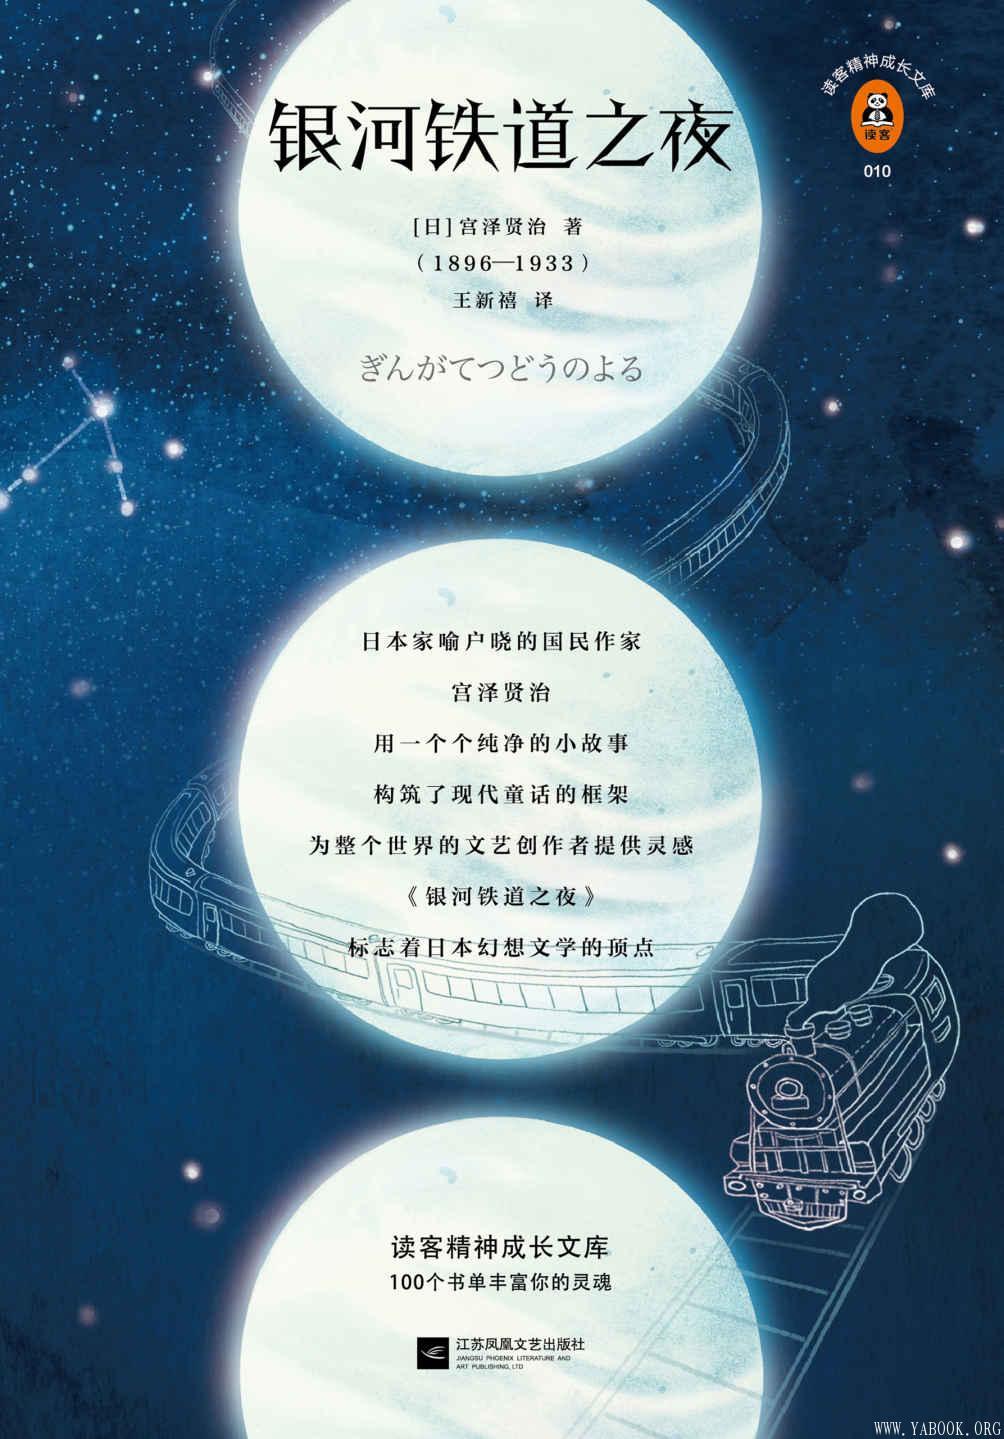 《银河铁道之夜》(读客精神成长文库。日本动画传奇吉卜力的灵感来源)文字版电子书[PDF]